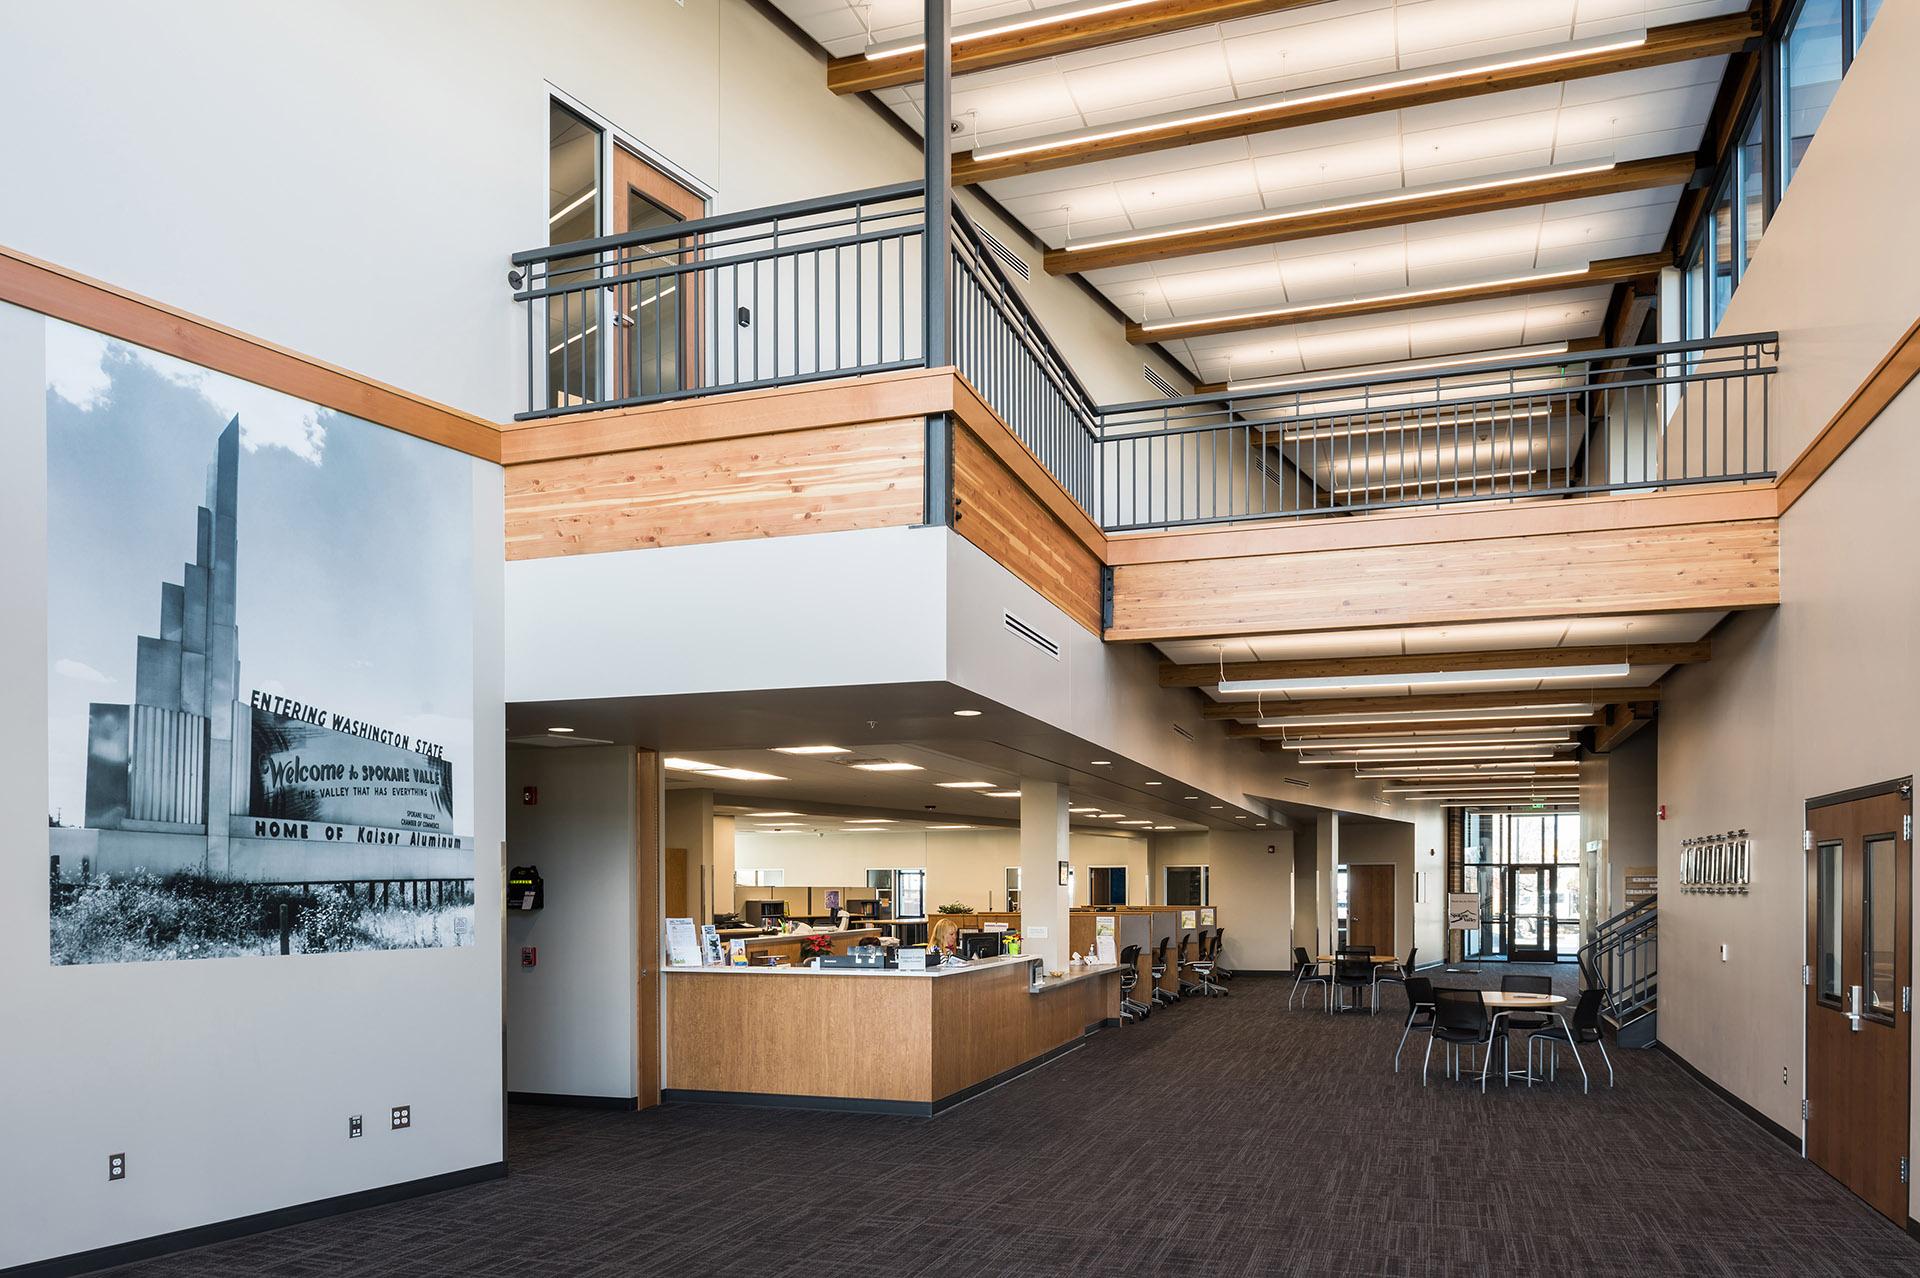 Spokane Valley City Hall Lobby